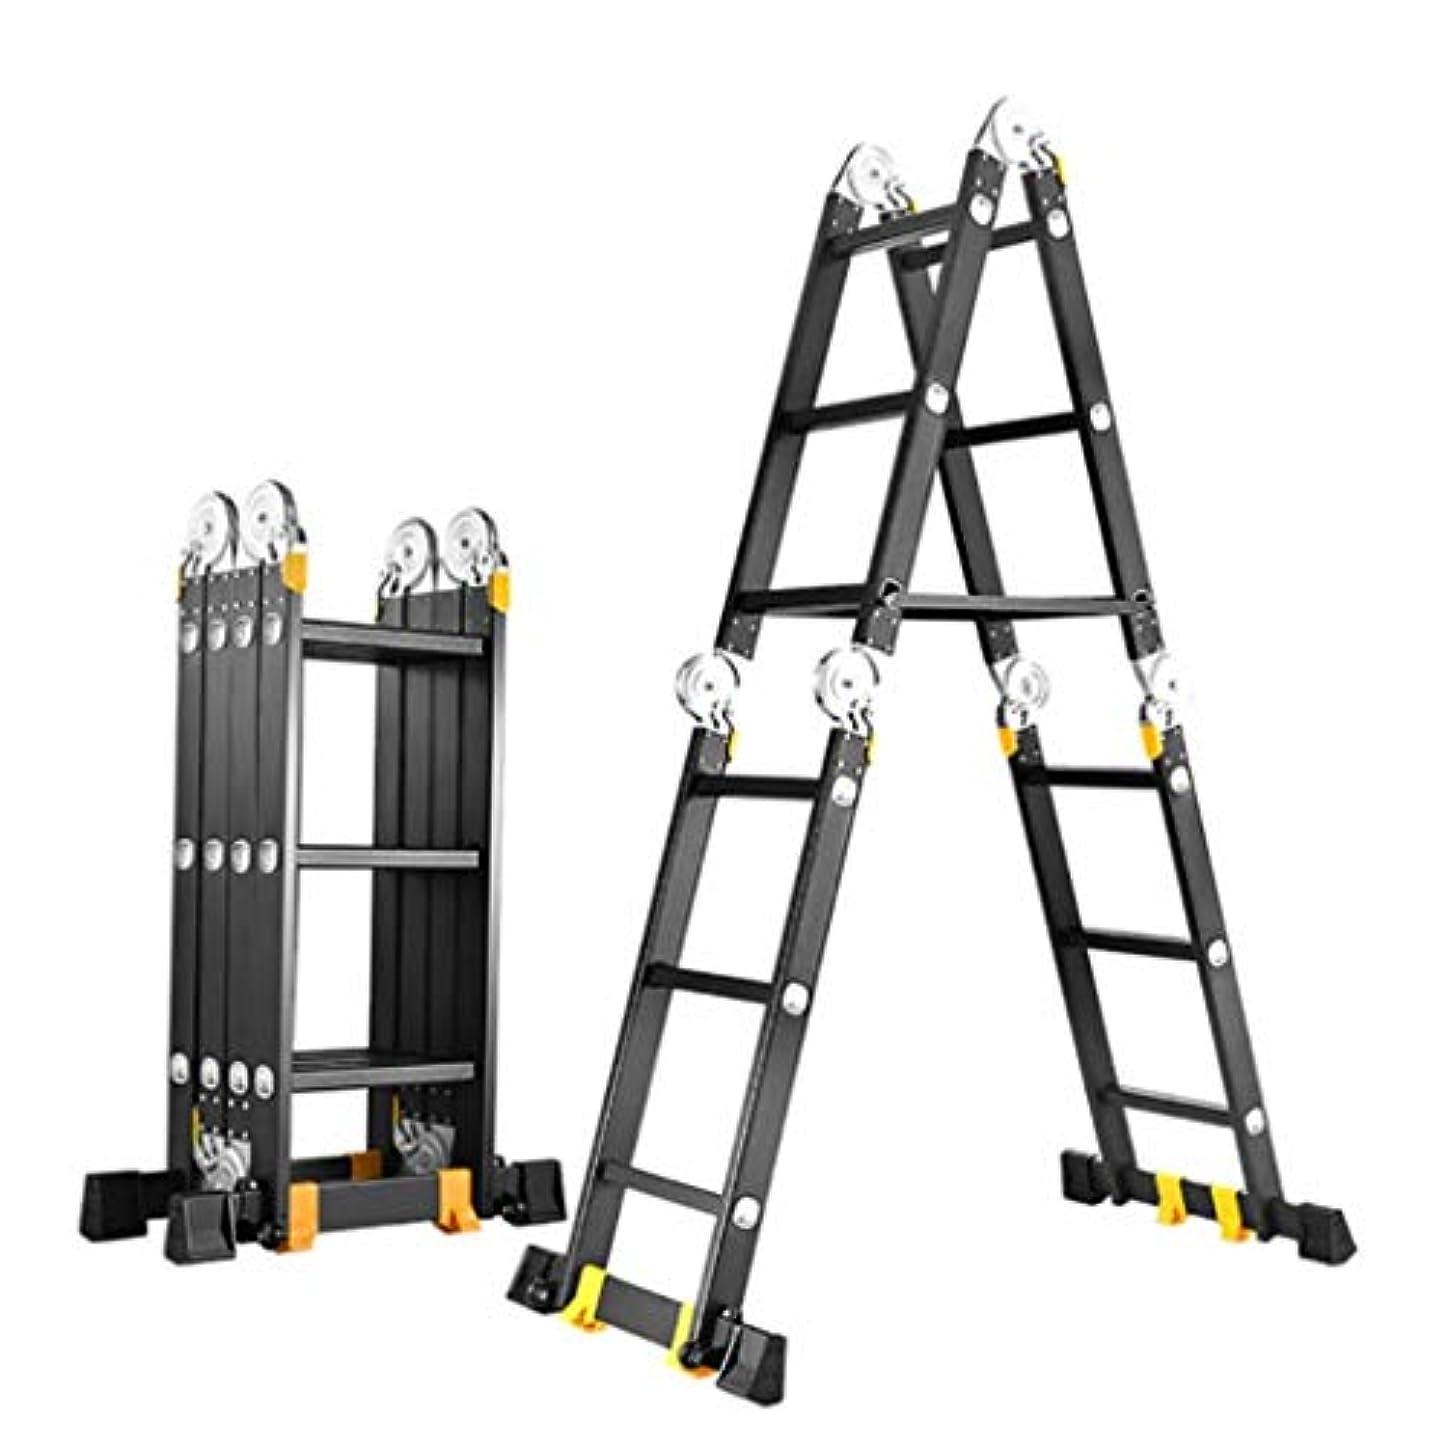 優遇ホールりXEWNEG 折りたたみ梯子、多機能アルミ梯子、プーリーとバランスバー付きのポータブルエンジニアリング梯子、 (Size : Straight 5.8M= Herringbone 2.8M)